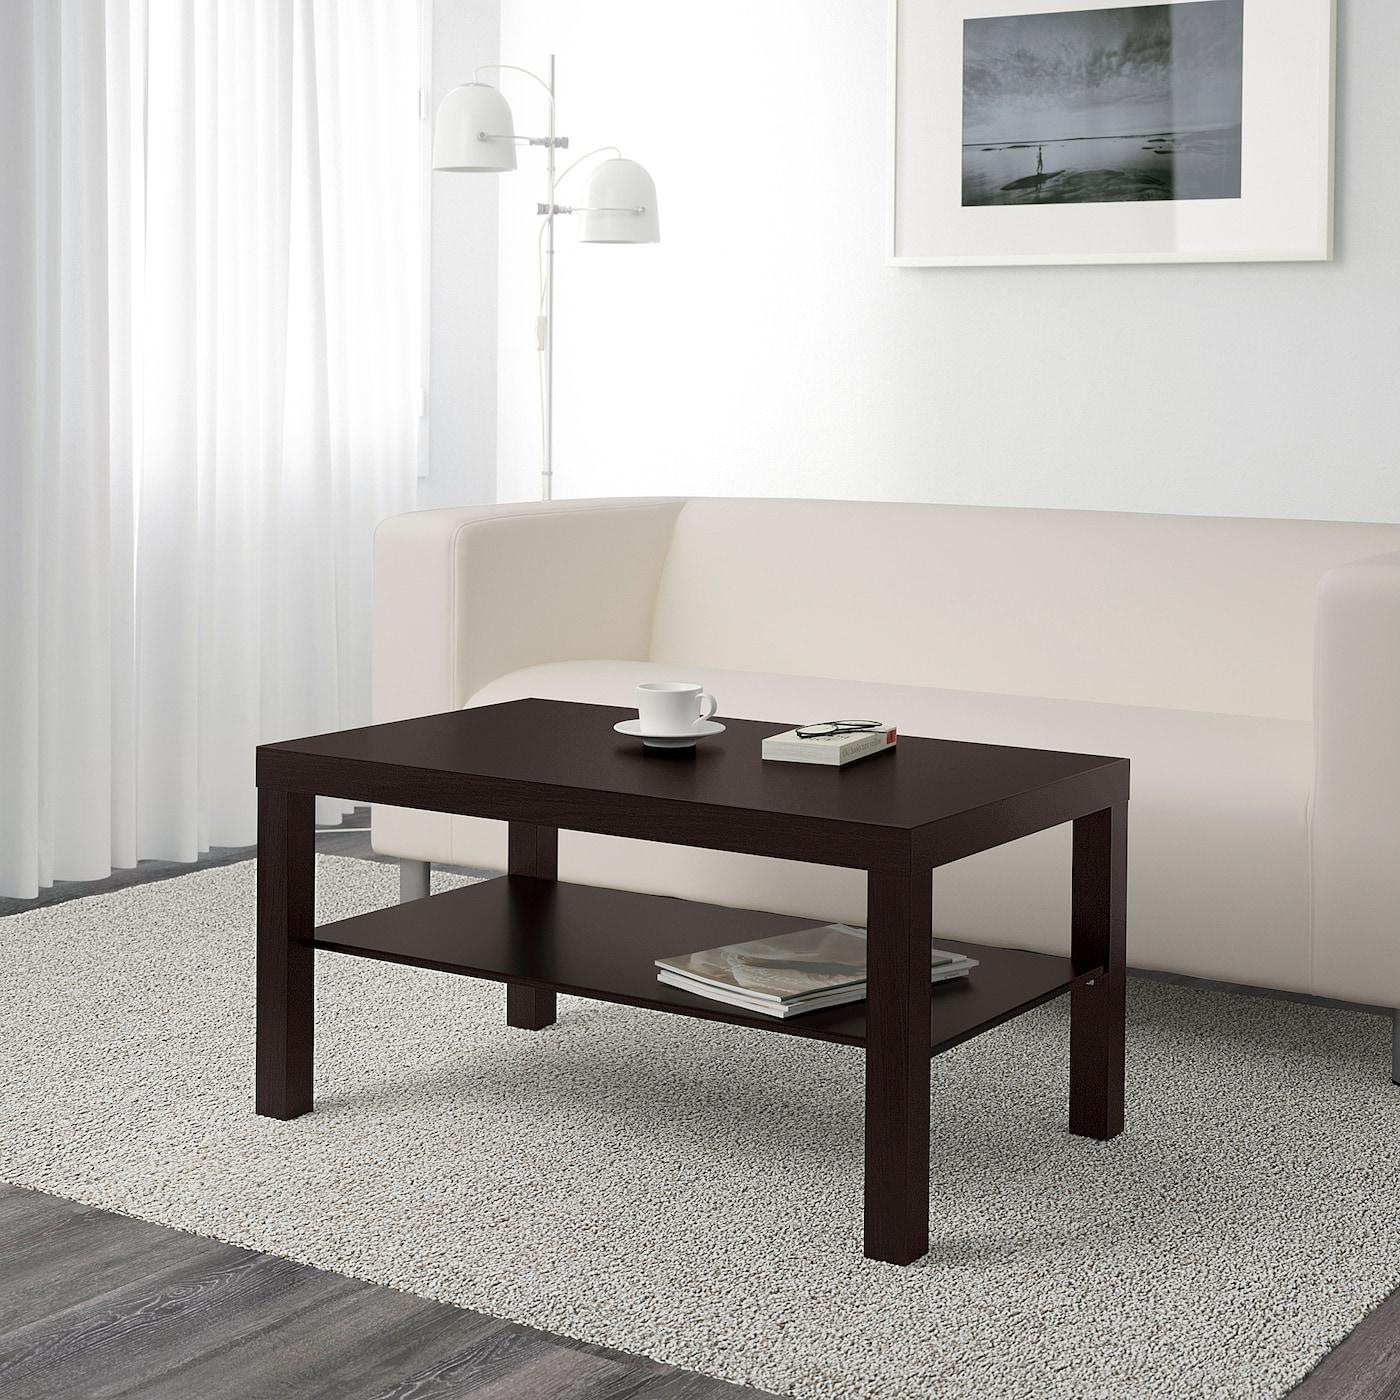 IKEA LACK Couchtisch in schwarzbraun 90x55cm Beistelltisch